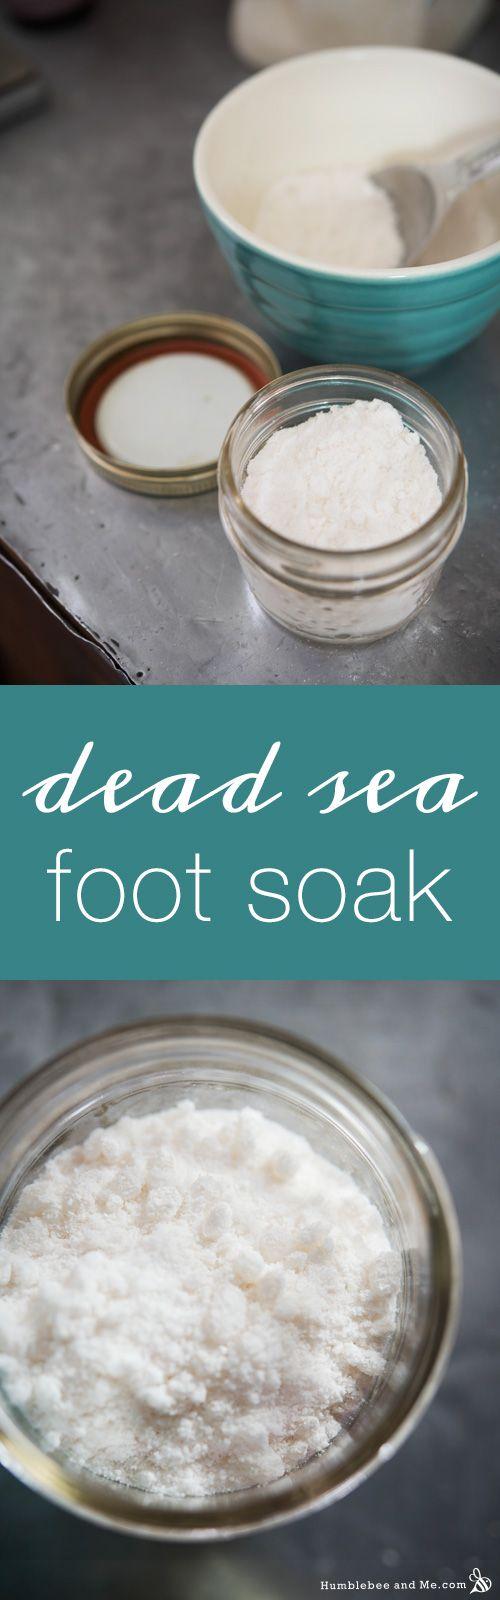 How to make a Dead Sea Foot Soak